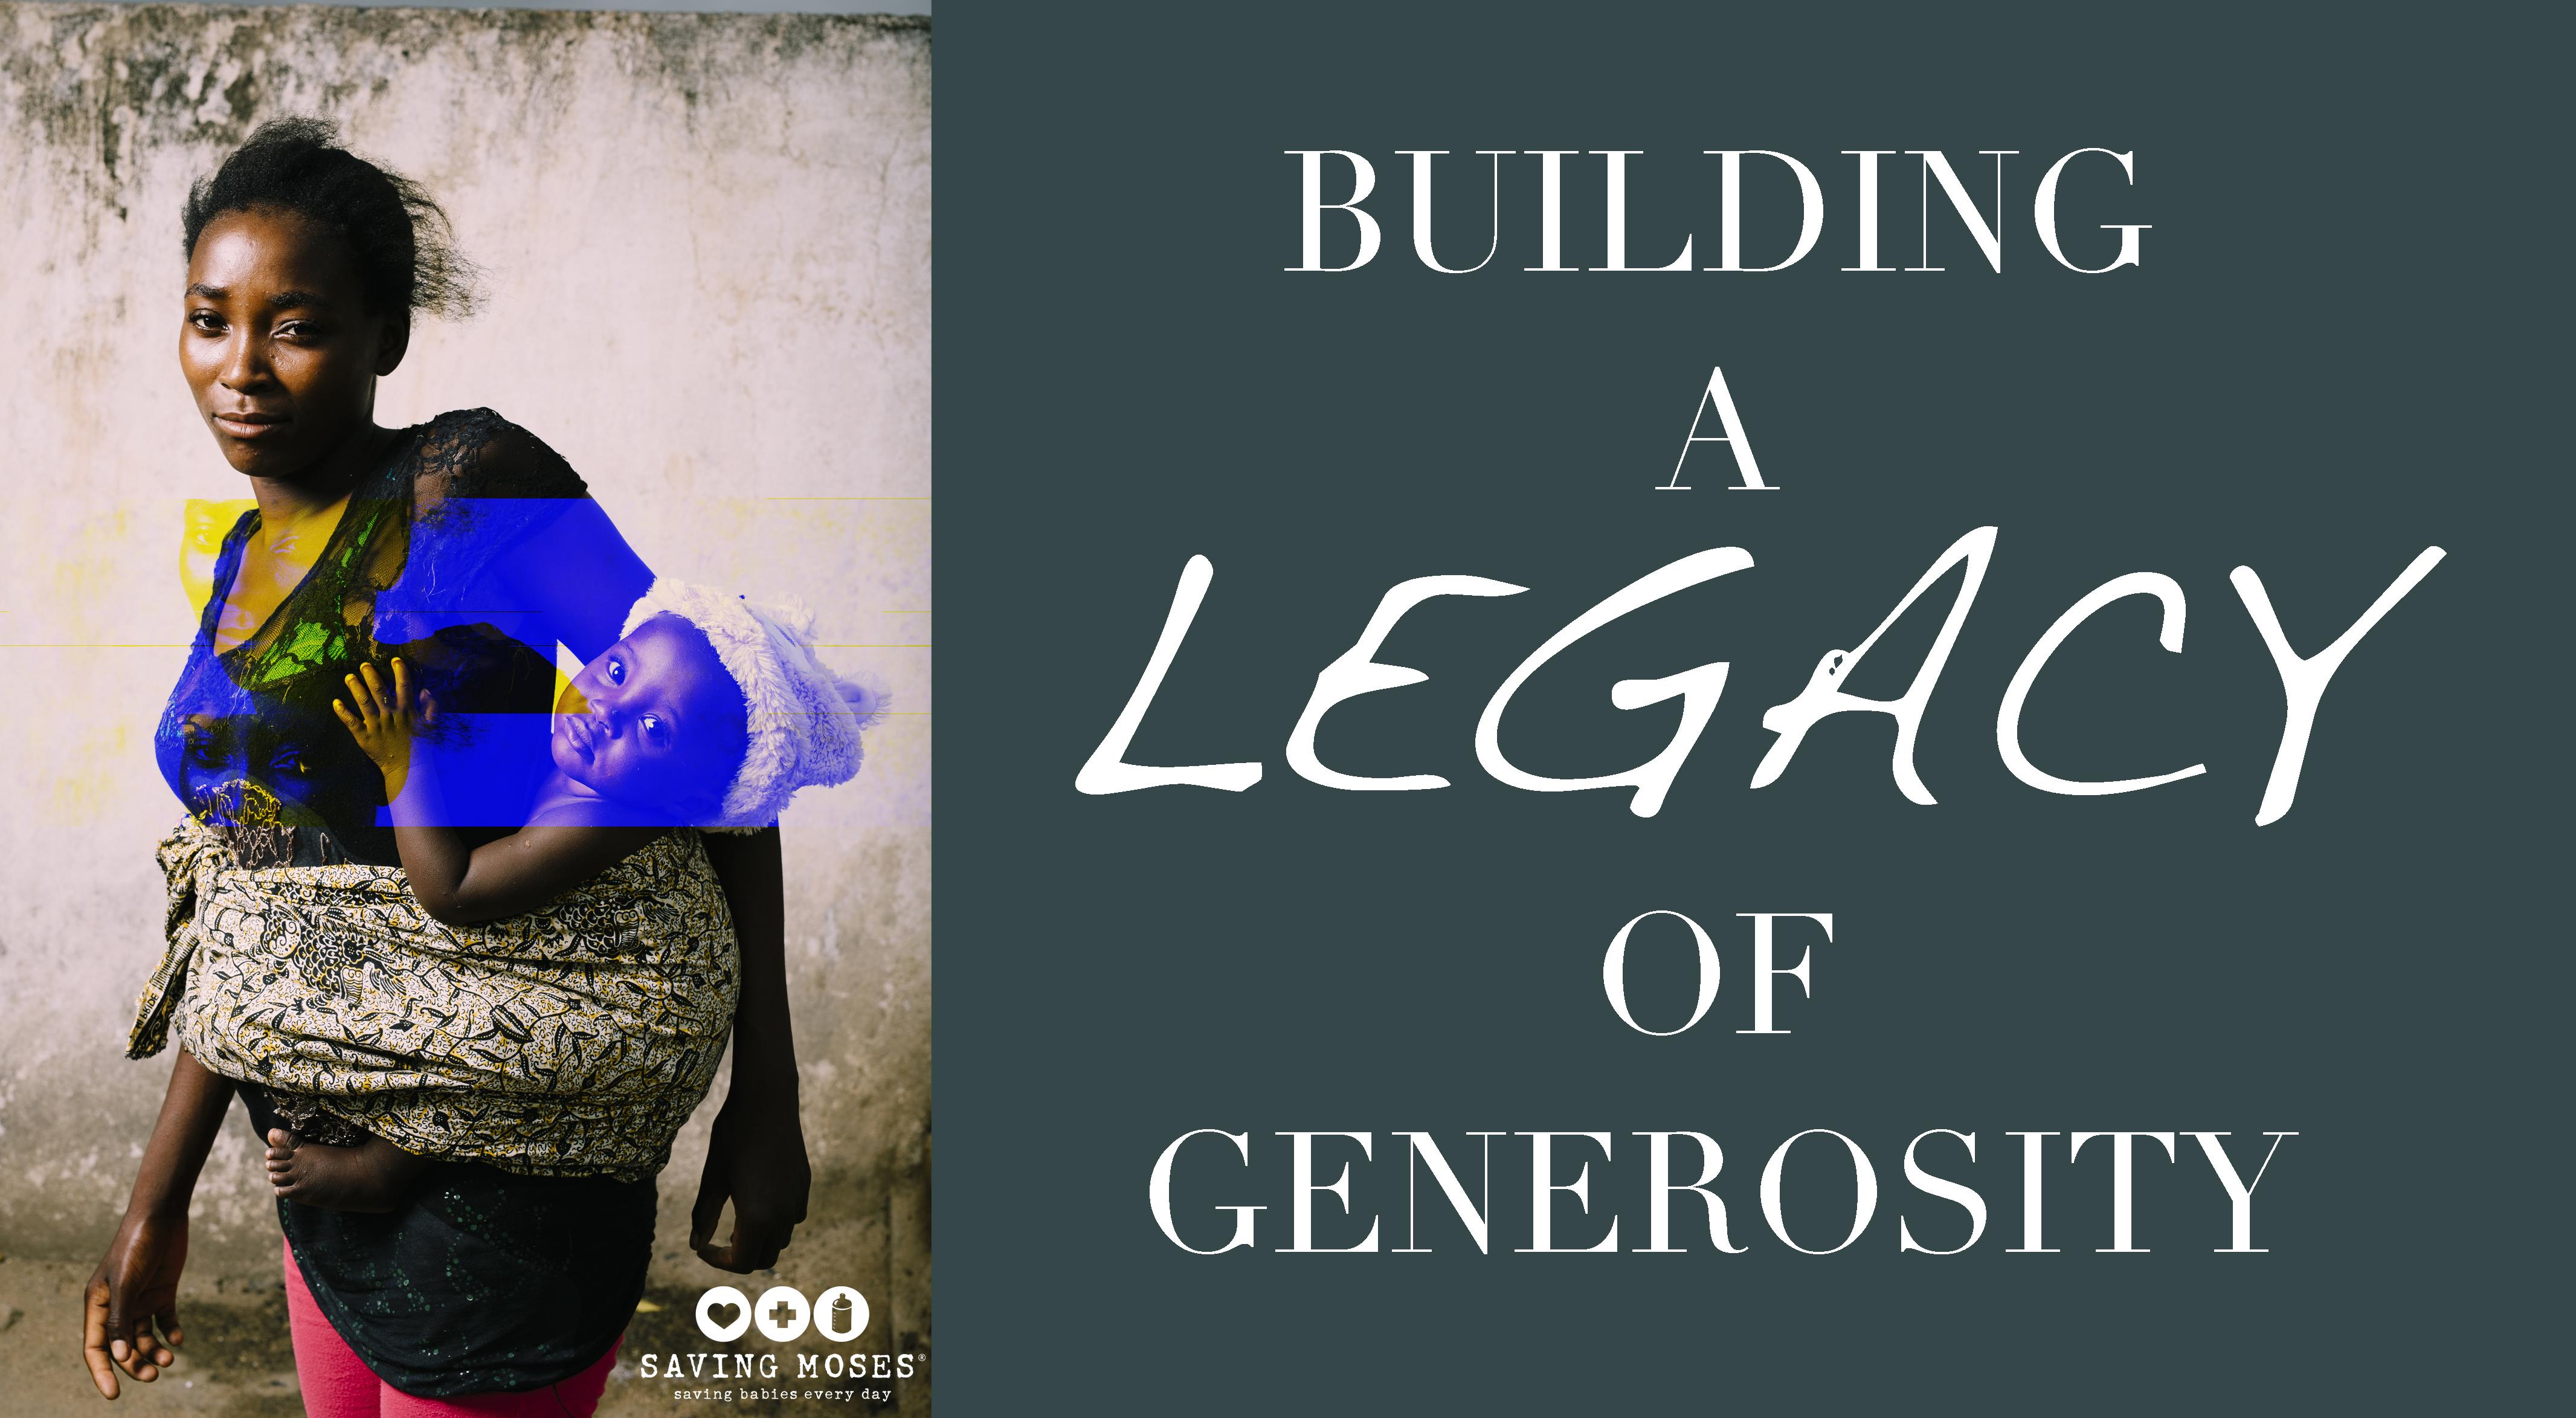 LegacyOfGenerosity3